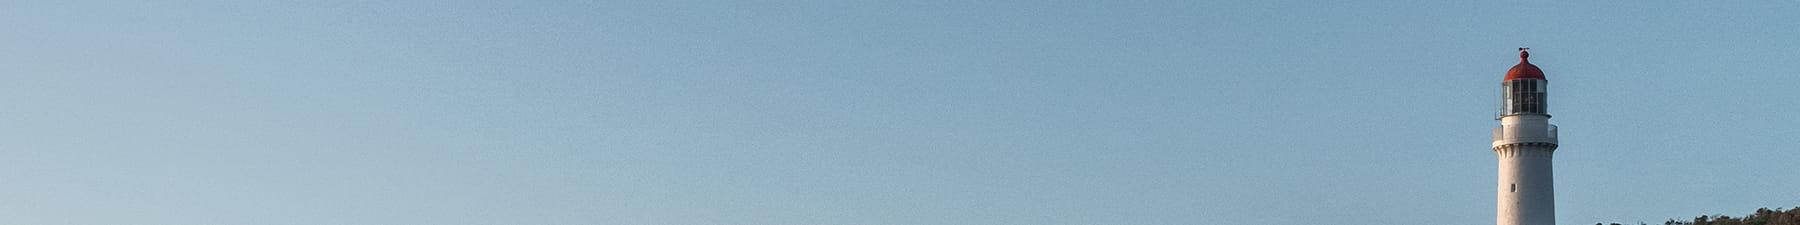 Lighthouse blue sky